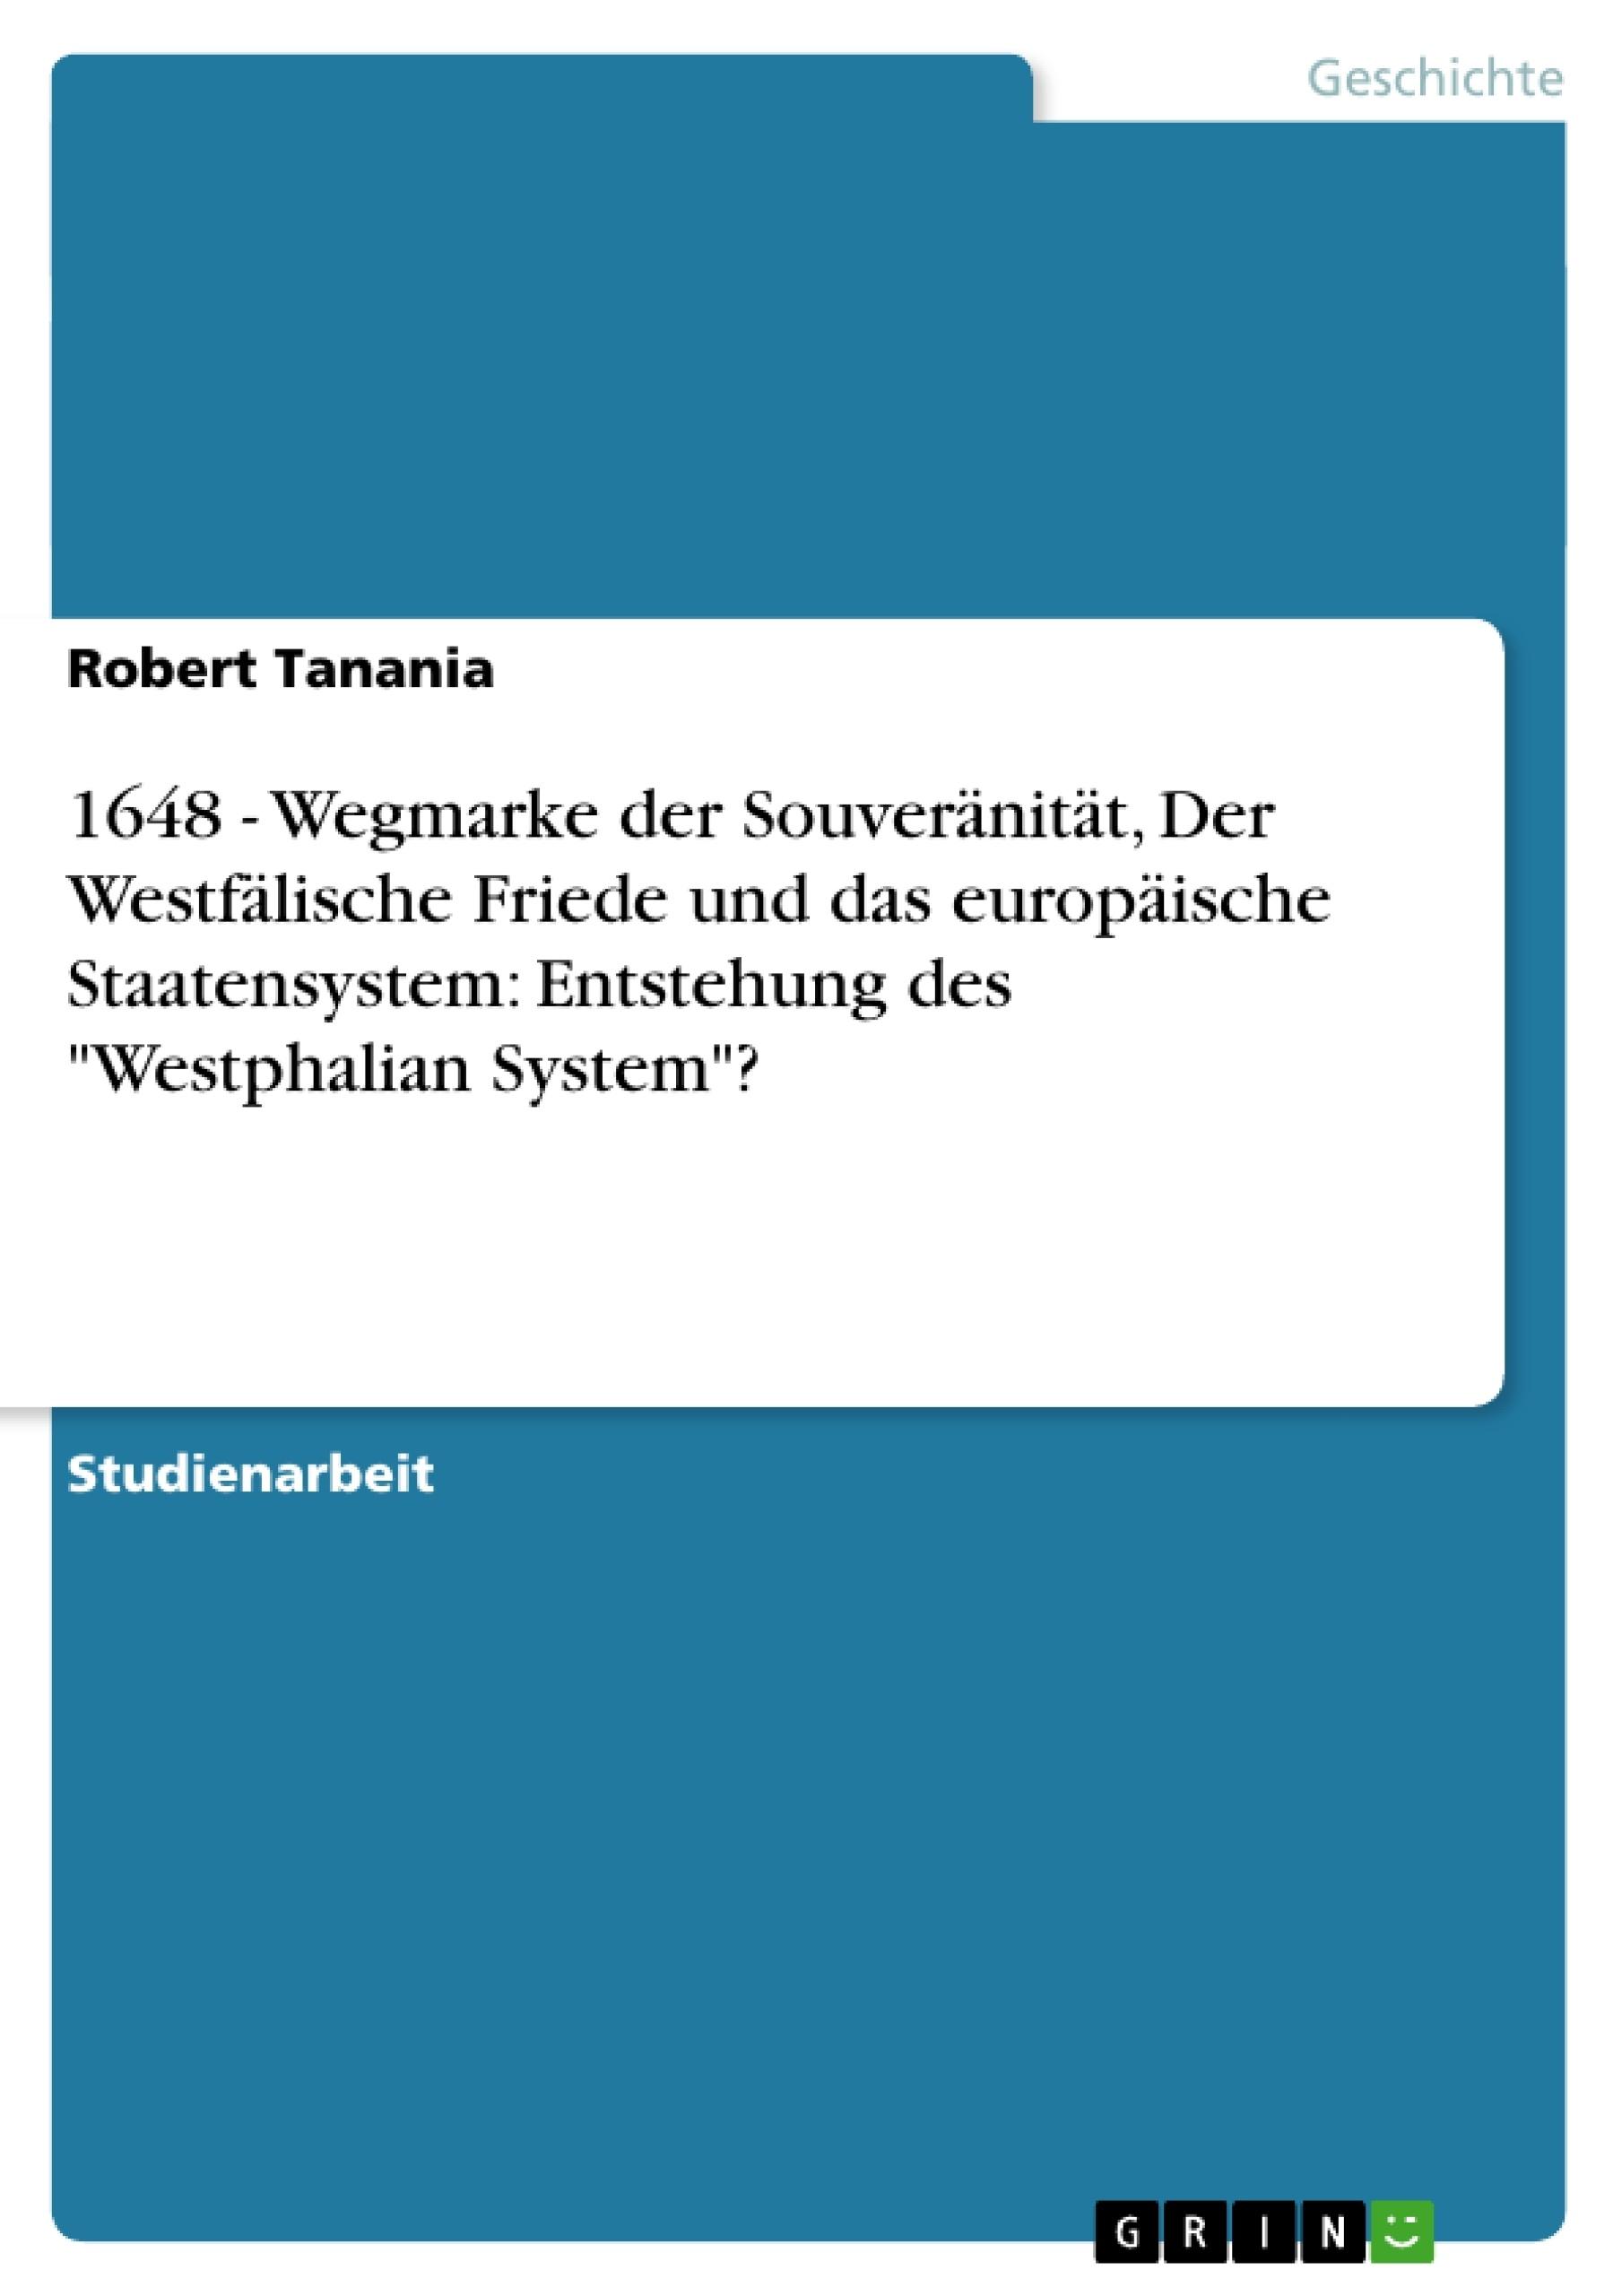 """Titel: 1648 - Wegmarke der Souveränität, Der Westfälische Friede und das europäische Staatensystem: Entstehung des """"Westphalian System""""?"""